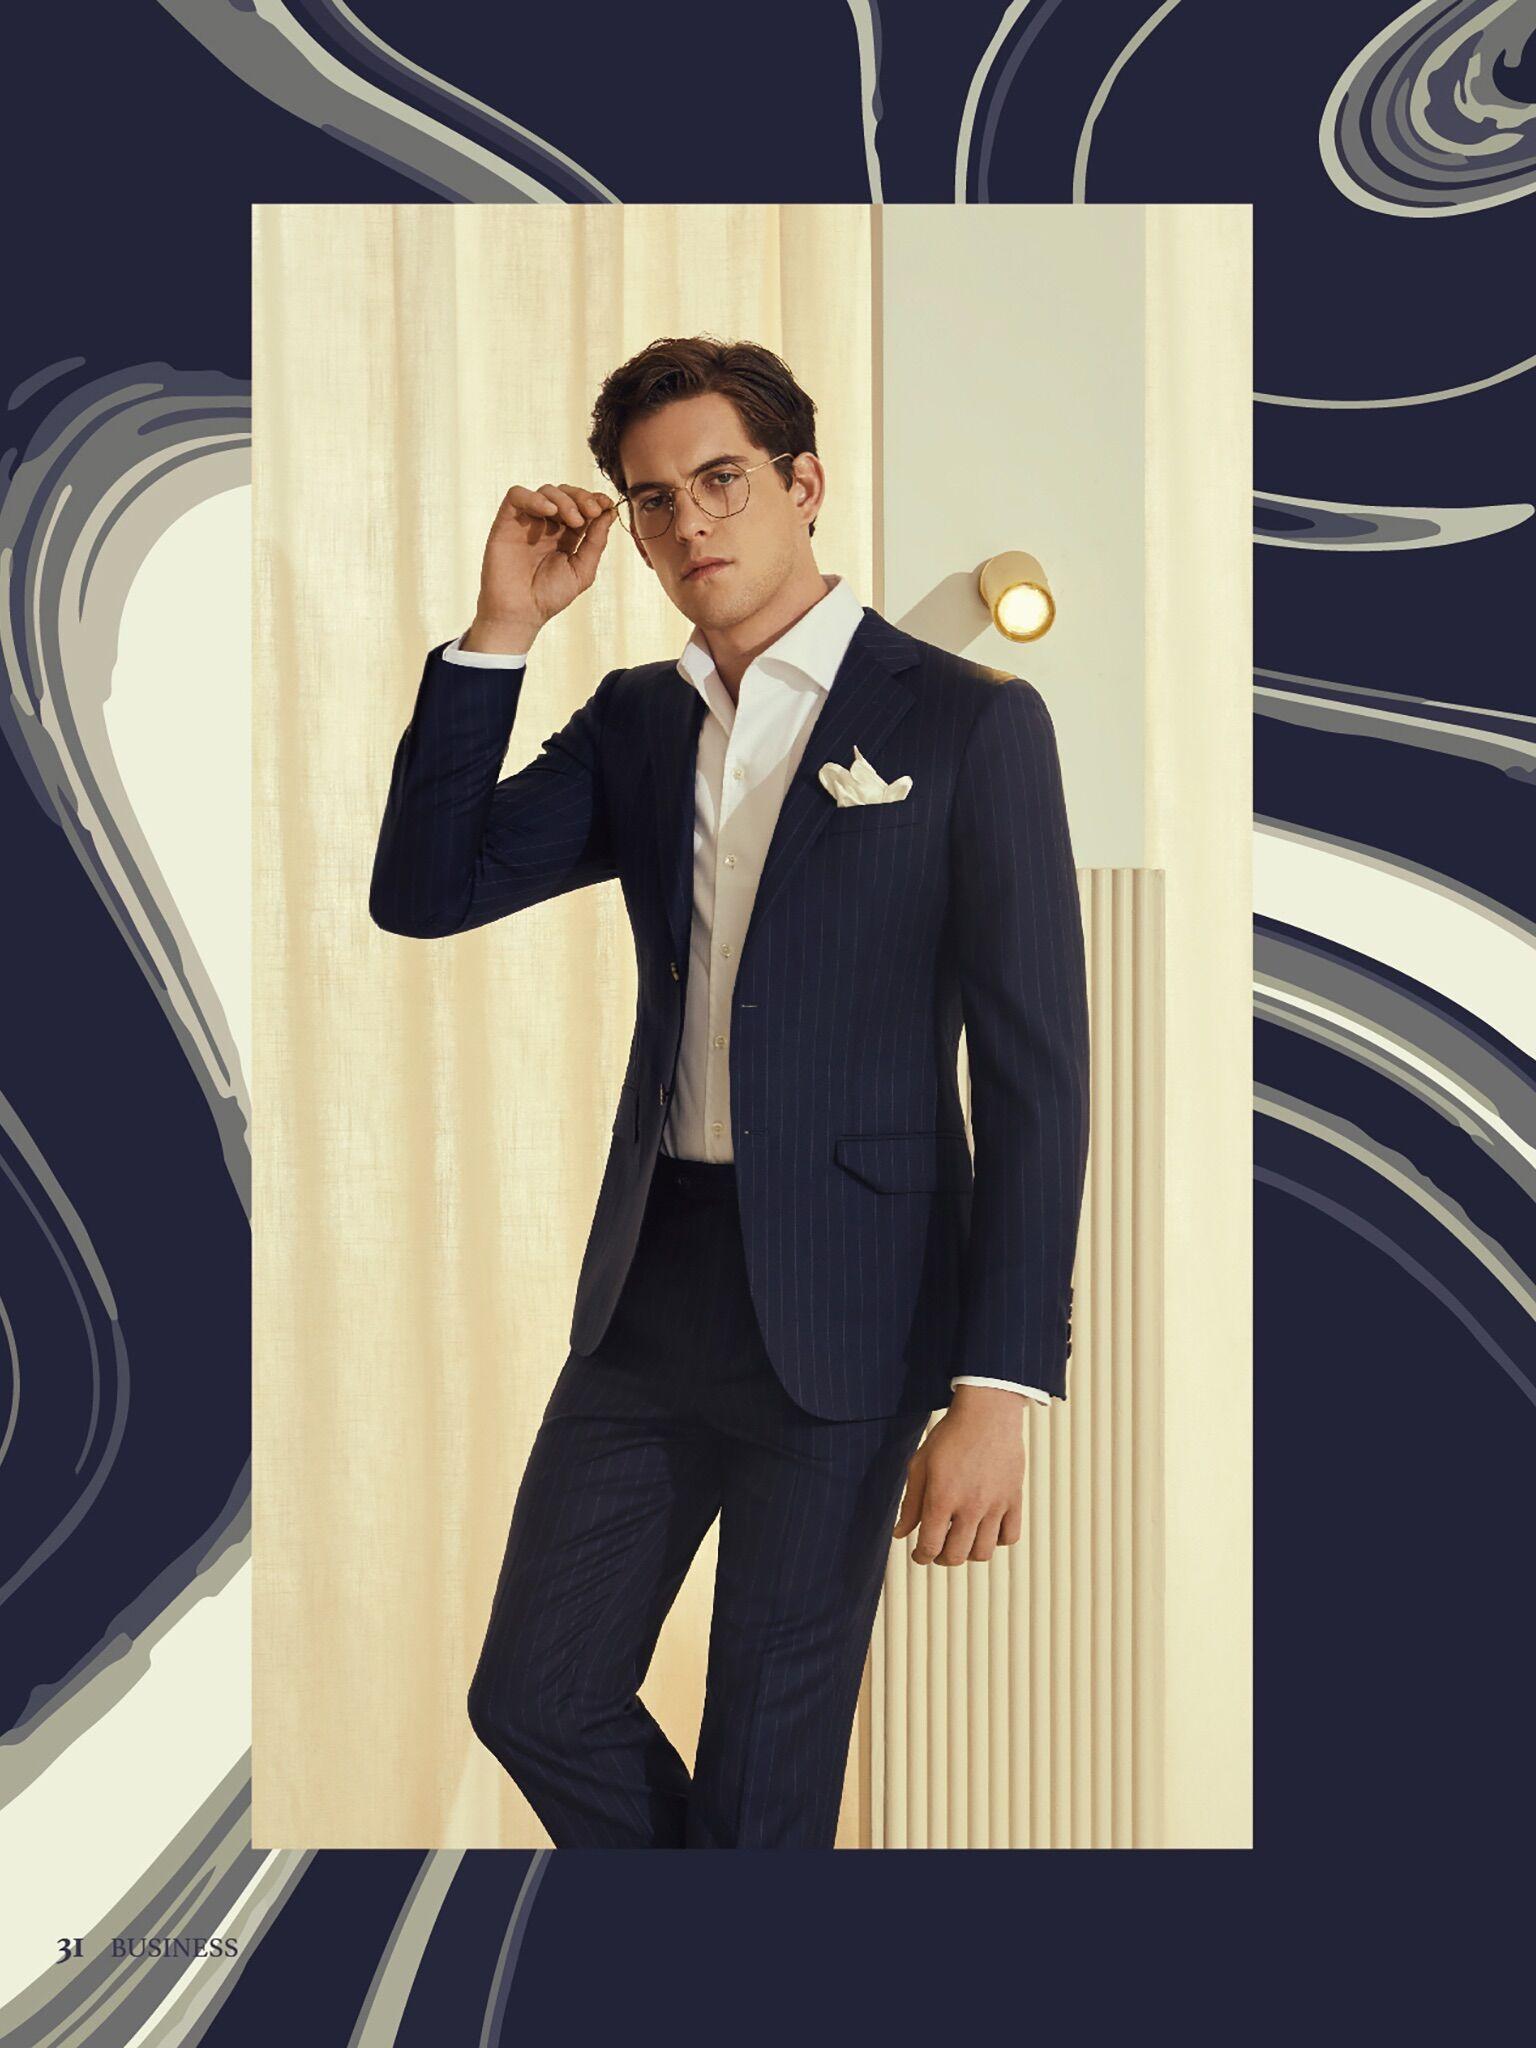 高级纯色条纹西服套装量身定制